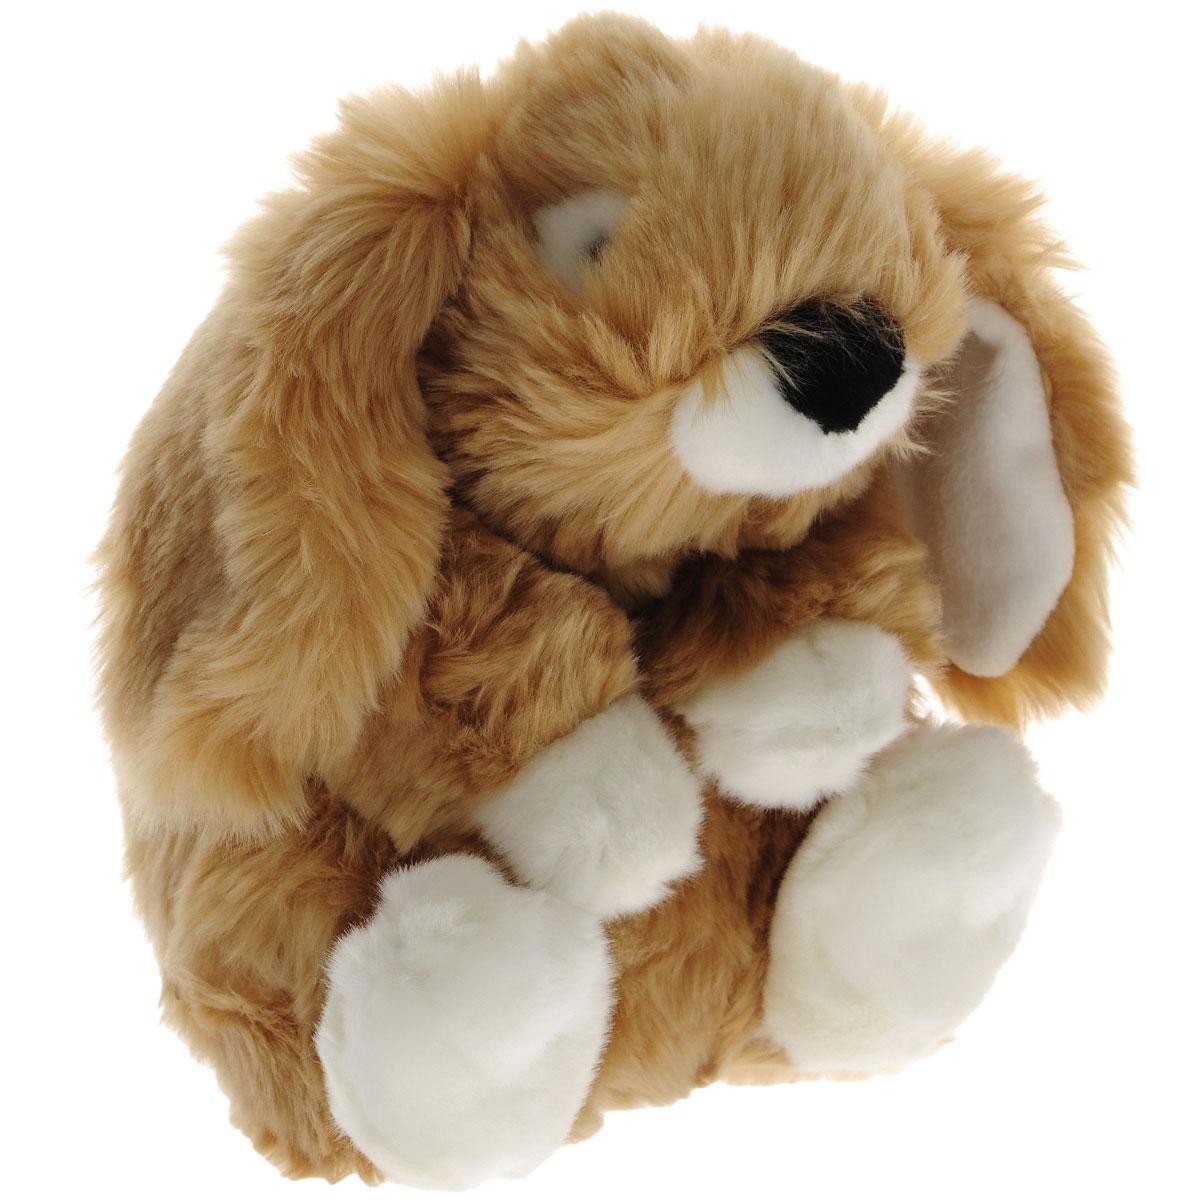 Мягкая игрушка Gulliver Заяц сидячий, цвет: коричневый, 23 см18-9647Мягкая игрушка Gulliver Заяц сидячий изготовлена из приятного на ощупь материала в виде зайчика и набита легким синтепоном. Глазки игрушки пластиковые. Мягкие игрушки Gulliver действуют позитивно на растущий детский организм, обучая ласке и доброте, улучшают настроение ребенка, развивают тактильную чувствительность, стимулируют зрительное восприятие, хватательные рефлексы и моторику рук. Как материал, так и набивка, с использованием которых изготовлены мягкие игрушки, высокого качества и безопасны для детей. Продукция сертифицирована, экологически безопасна для ребенка, использованные красители не токсичны и гипоаллергенны.